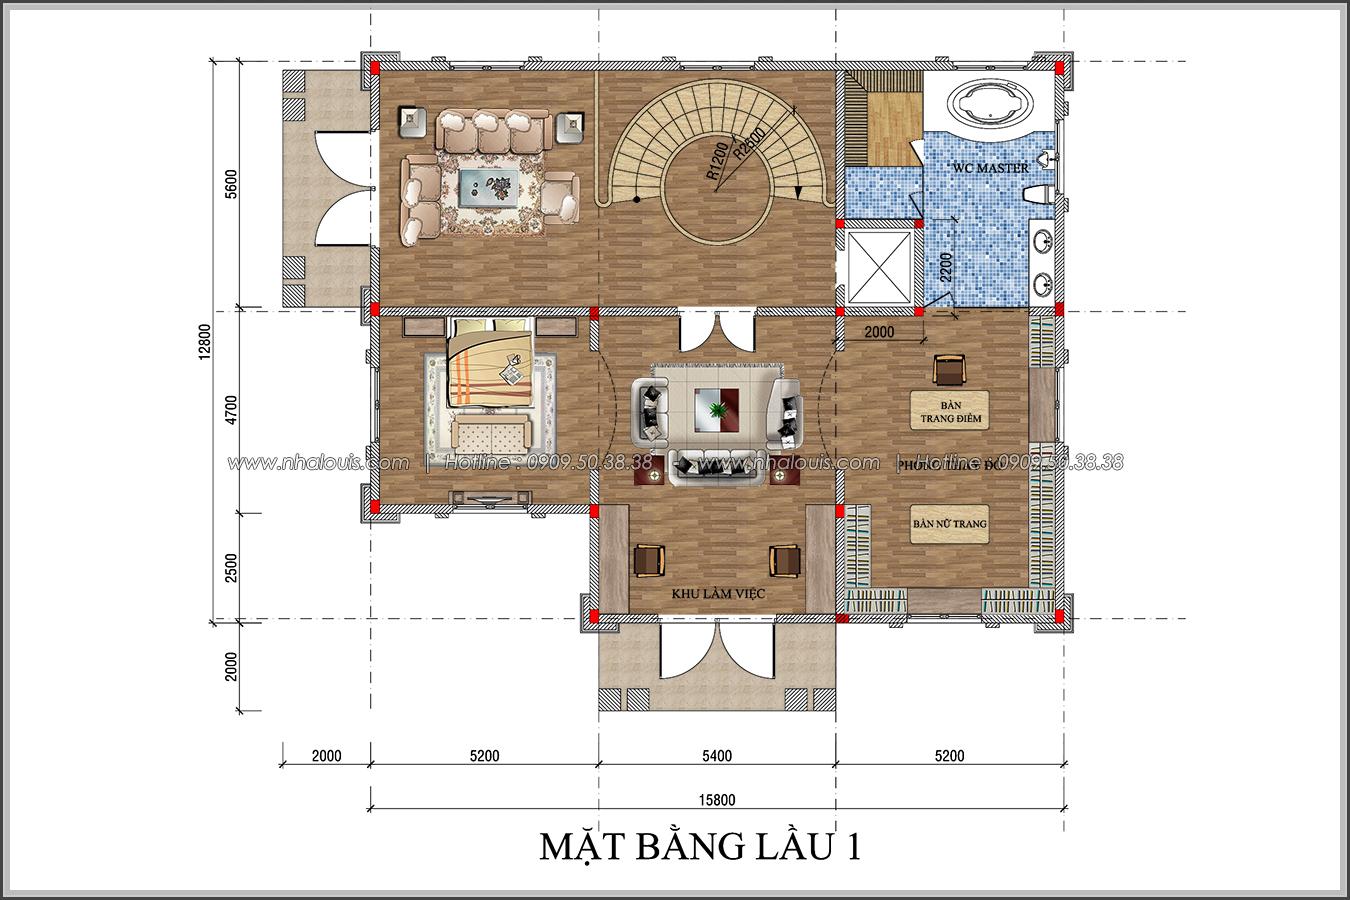 Đẳng cấp đích thực trong thiết kế biệt thự cổ điển 3 tầng tại Bình Tân - 6